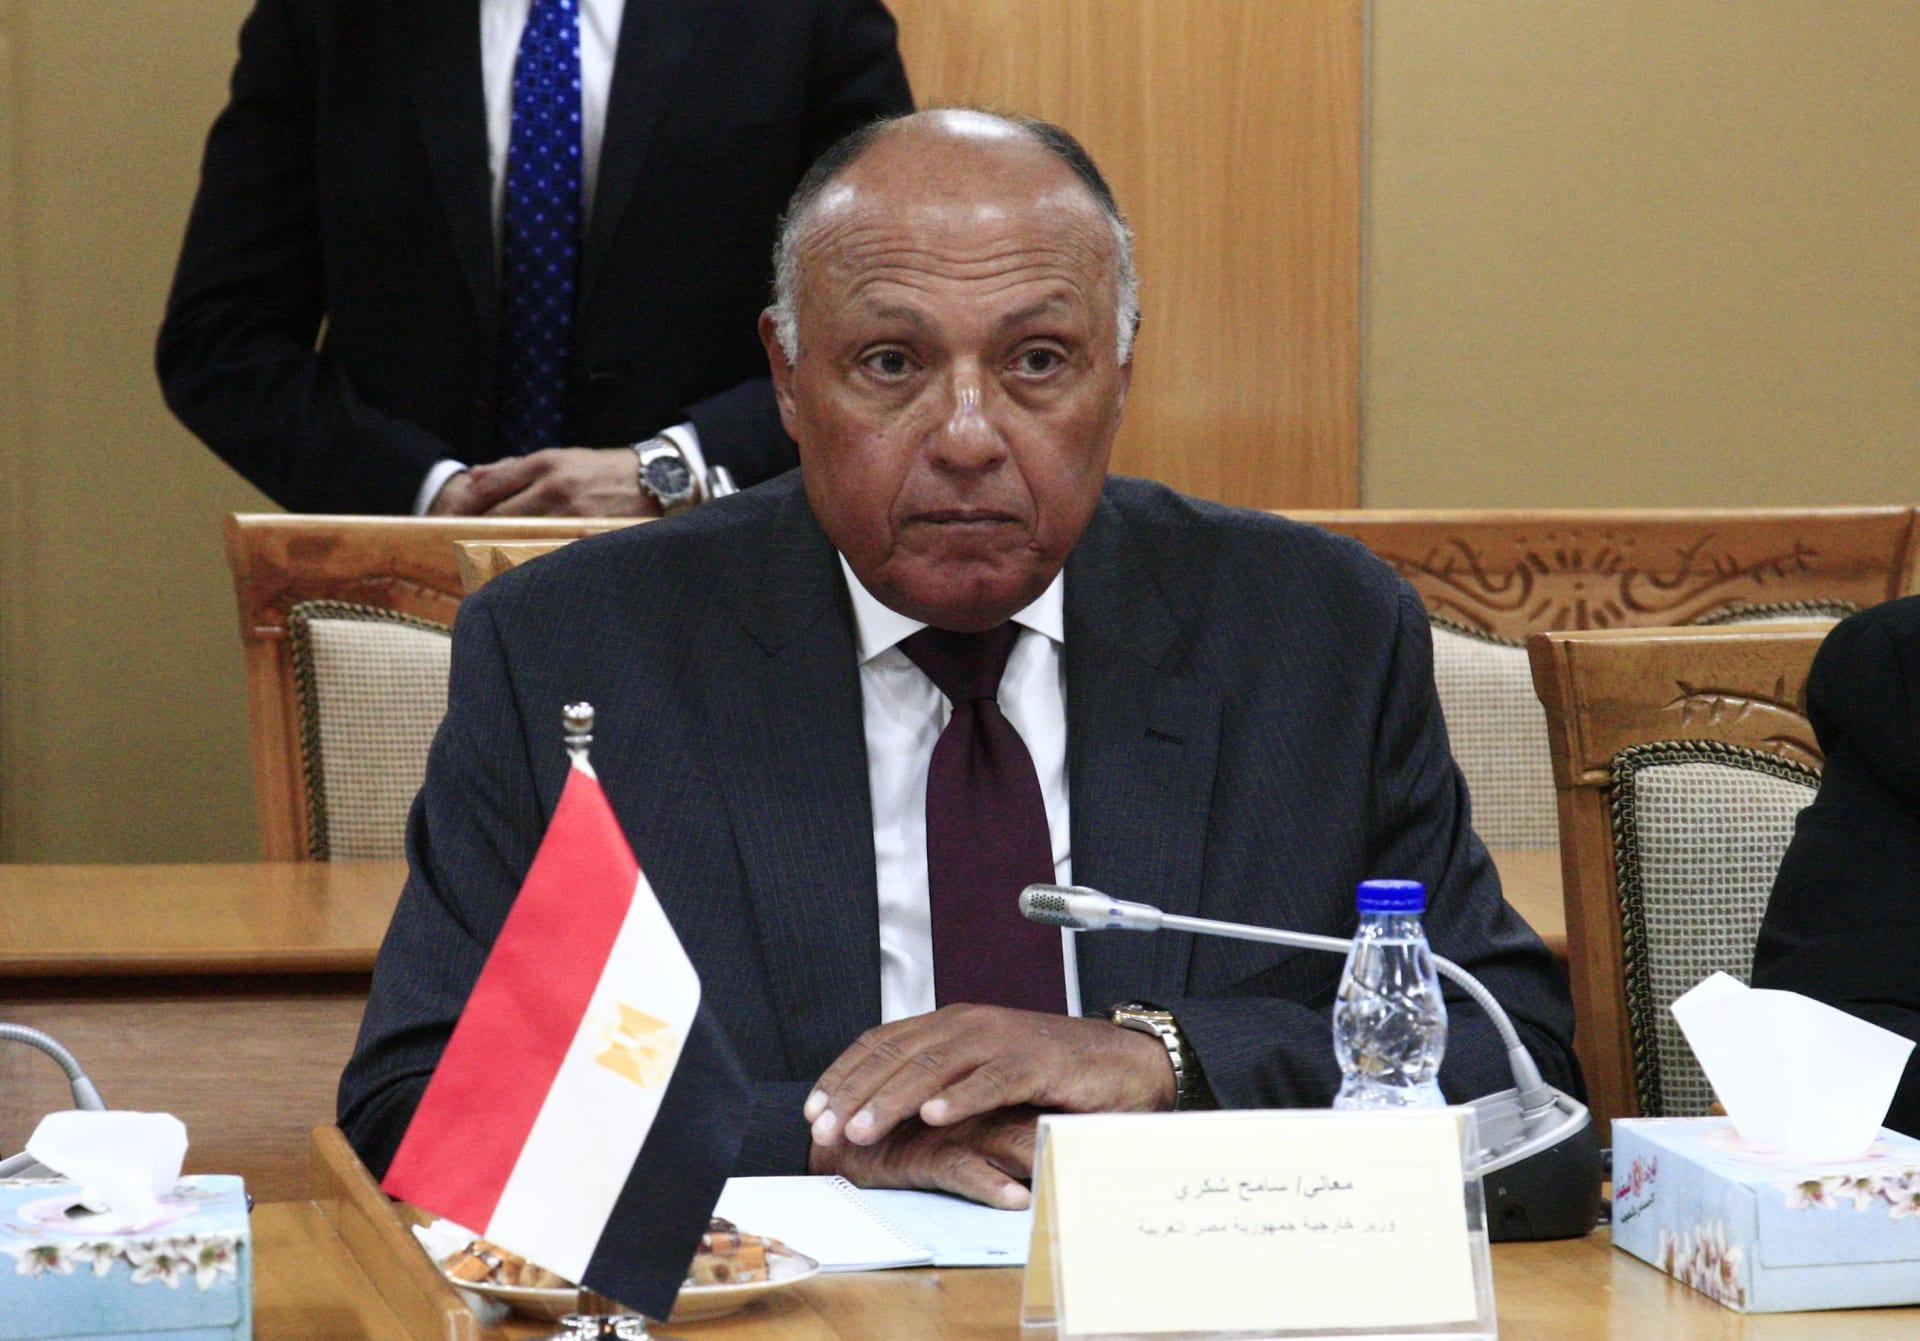 مصر: التوصل لاتفاق نهائي حول سد النهضة في 15 يناير المقبل